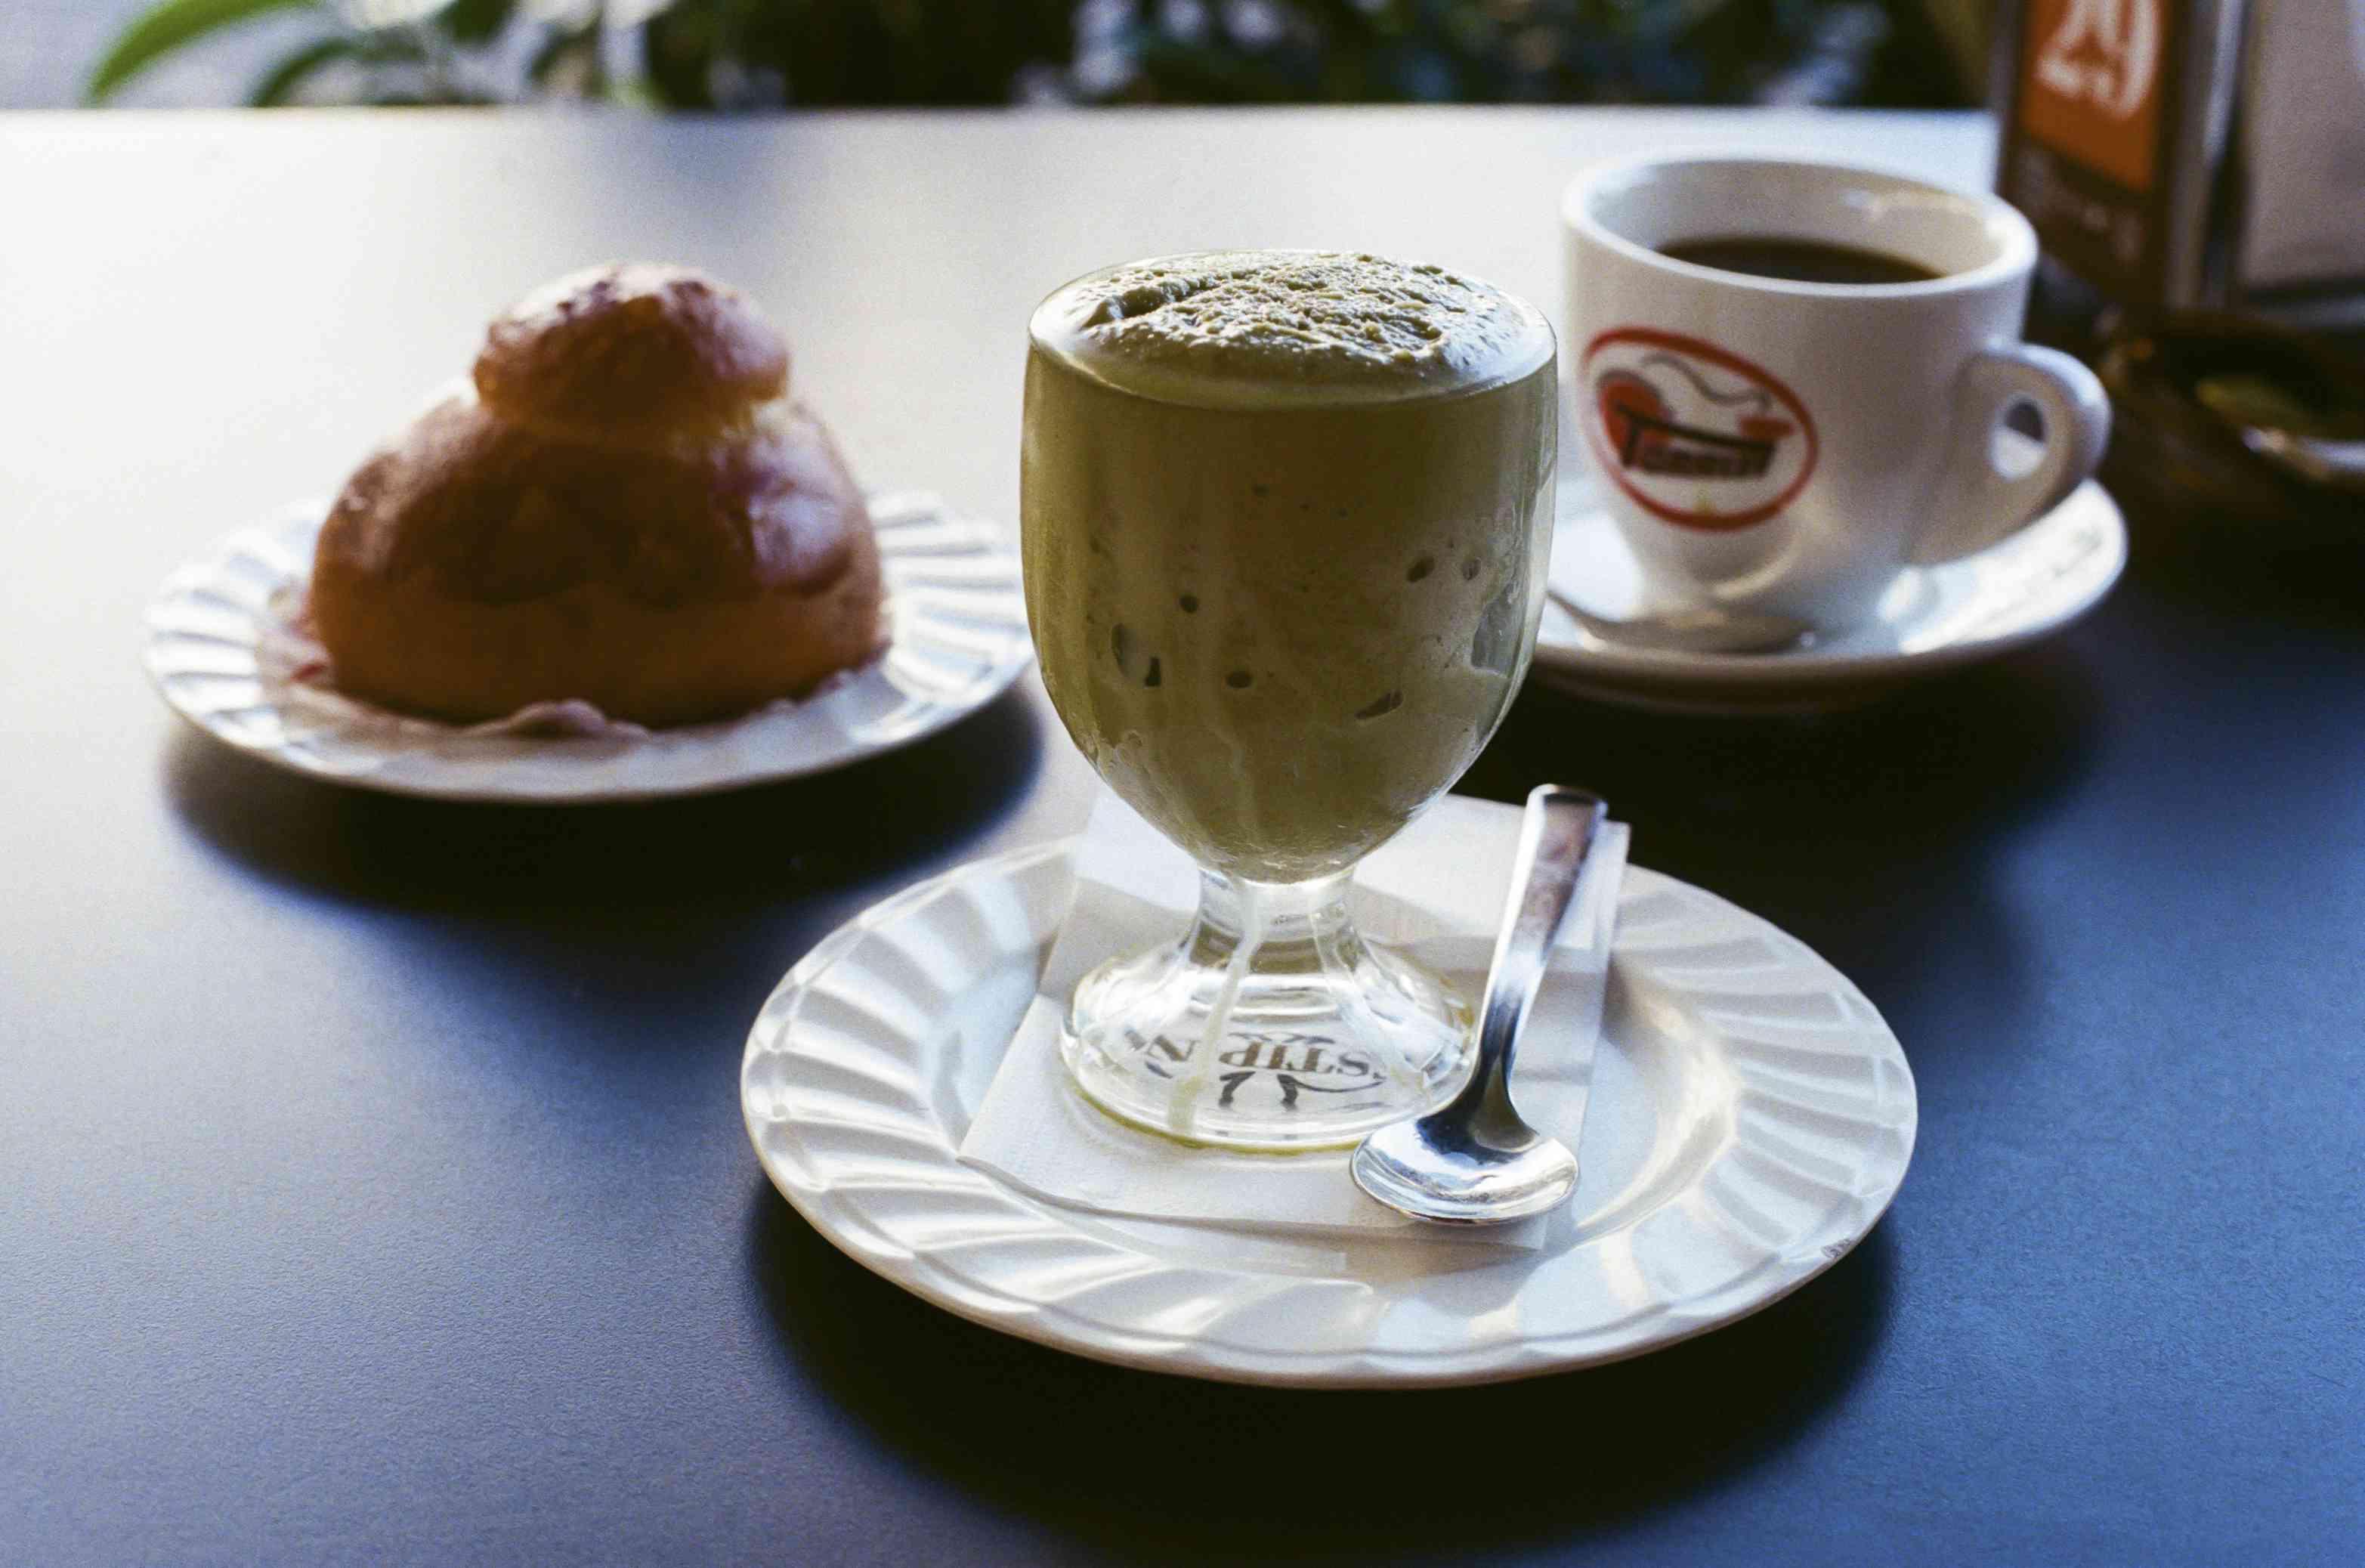 Brioche, granita and espresso